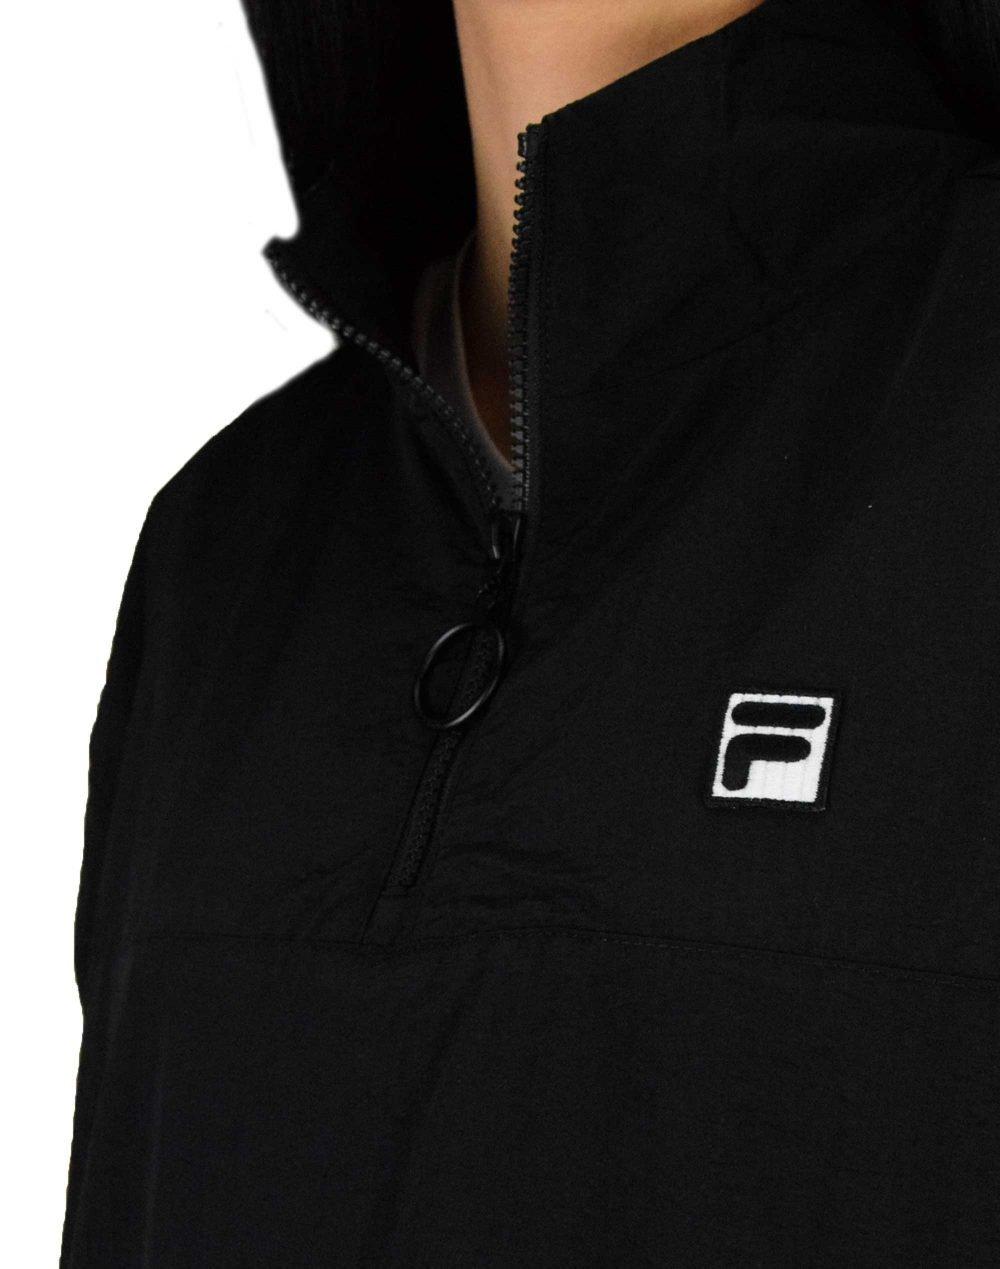 Fila Bijou Track Mini Dress LW933224 001 Black 4